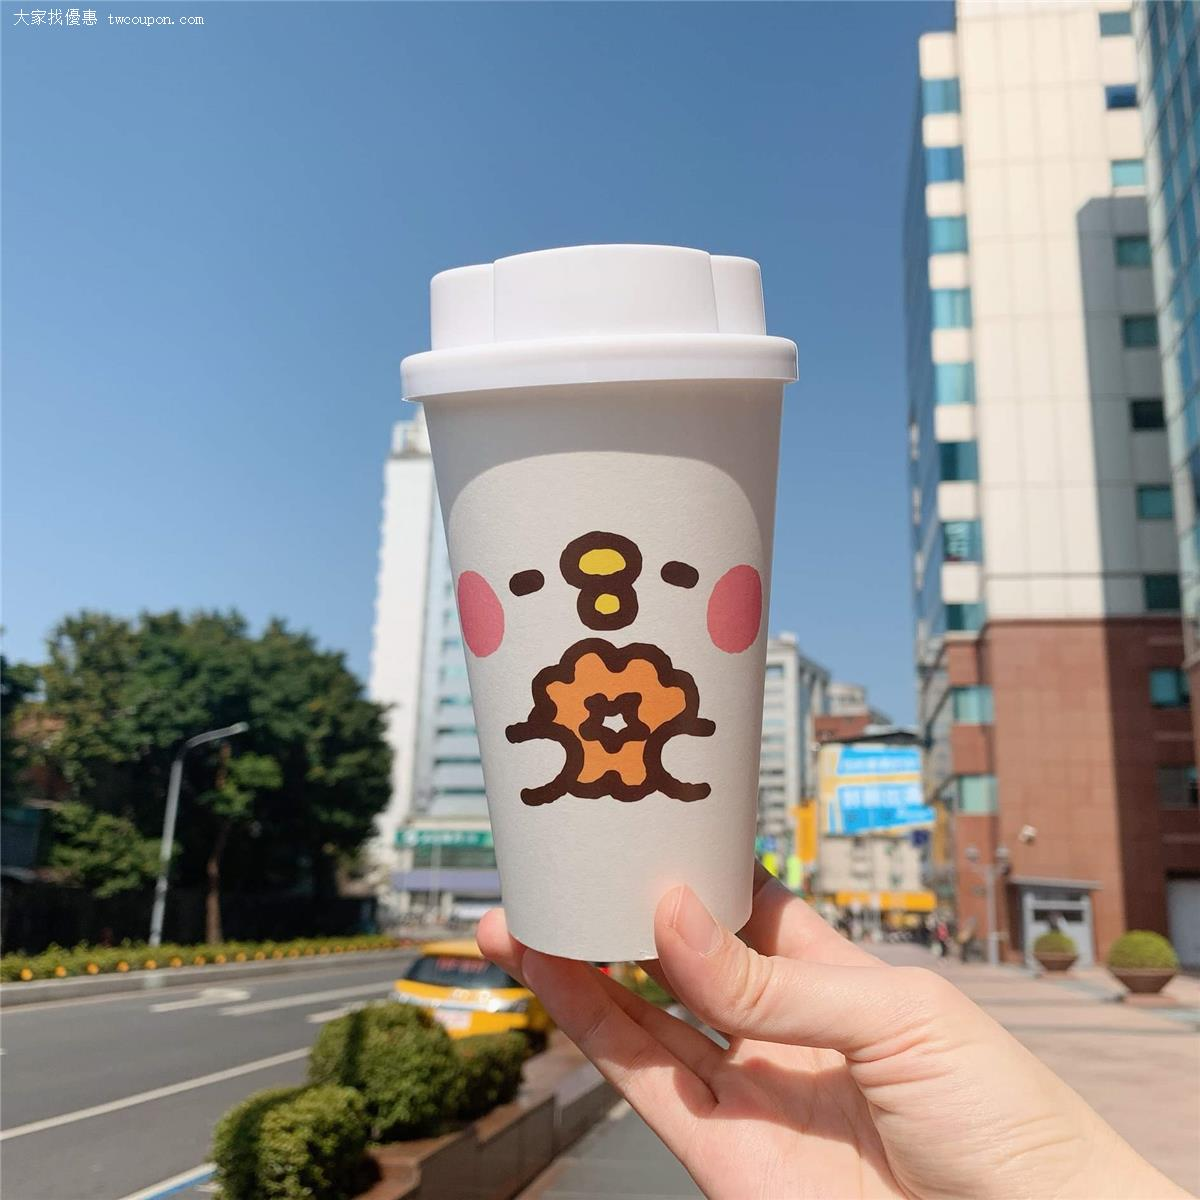 只要【外帶】16OZ 現做飲品就有超可愛P助造型紙杯,造型杯蓋